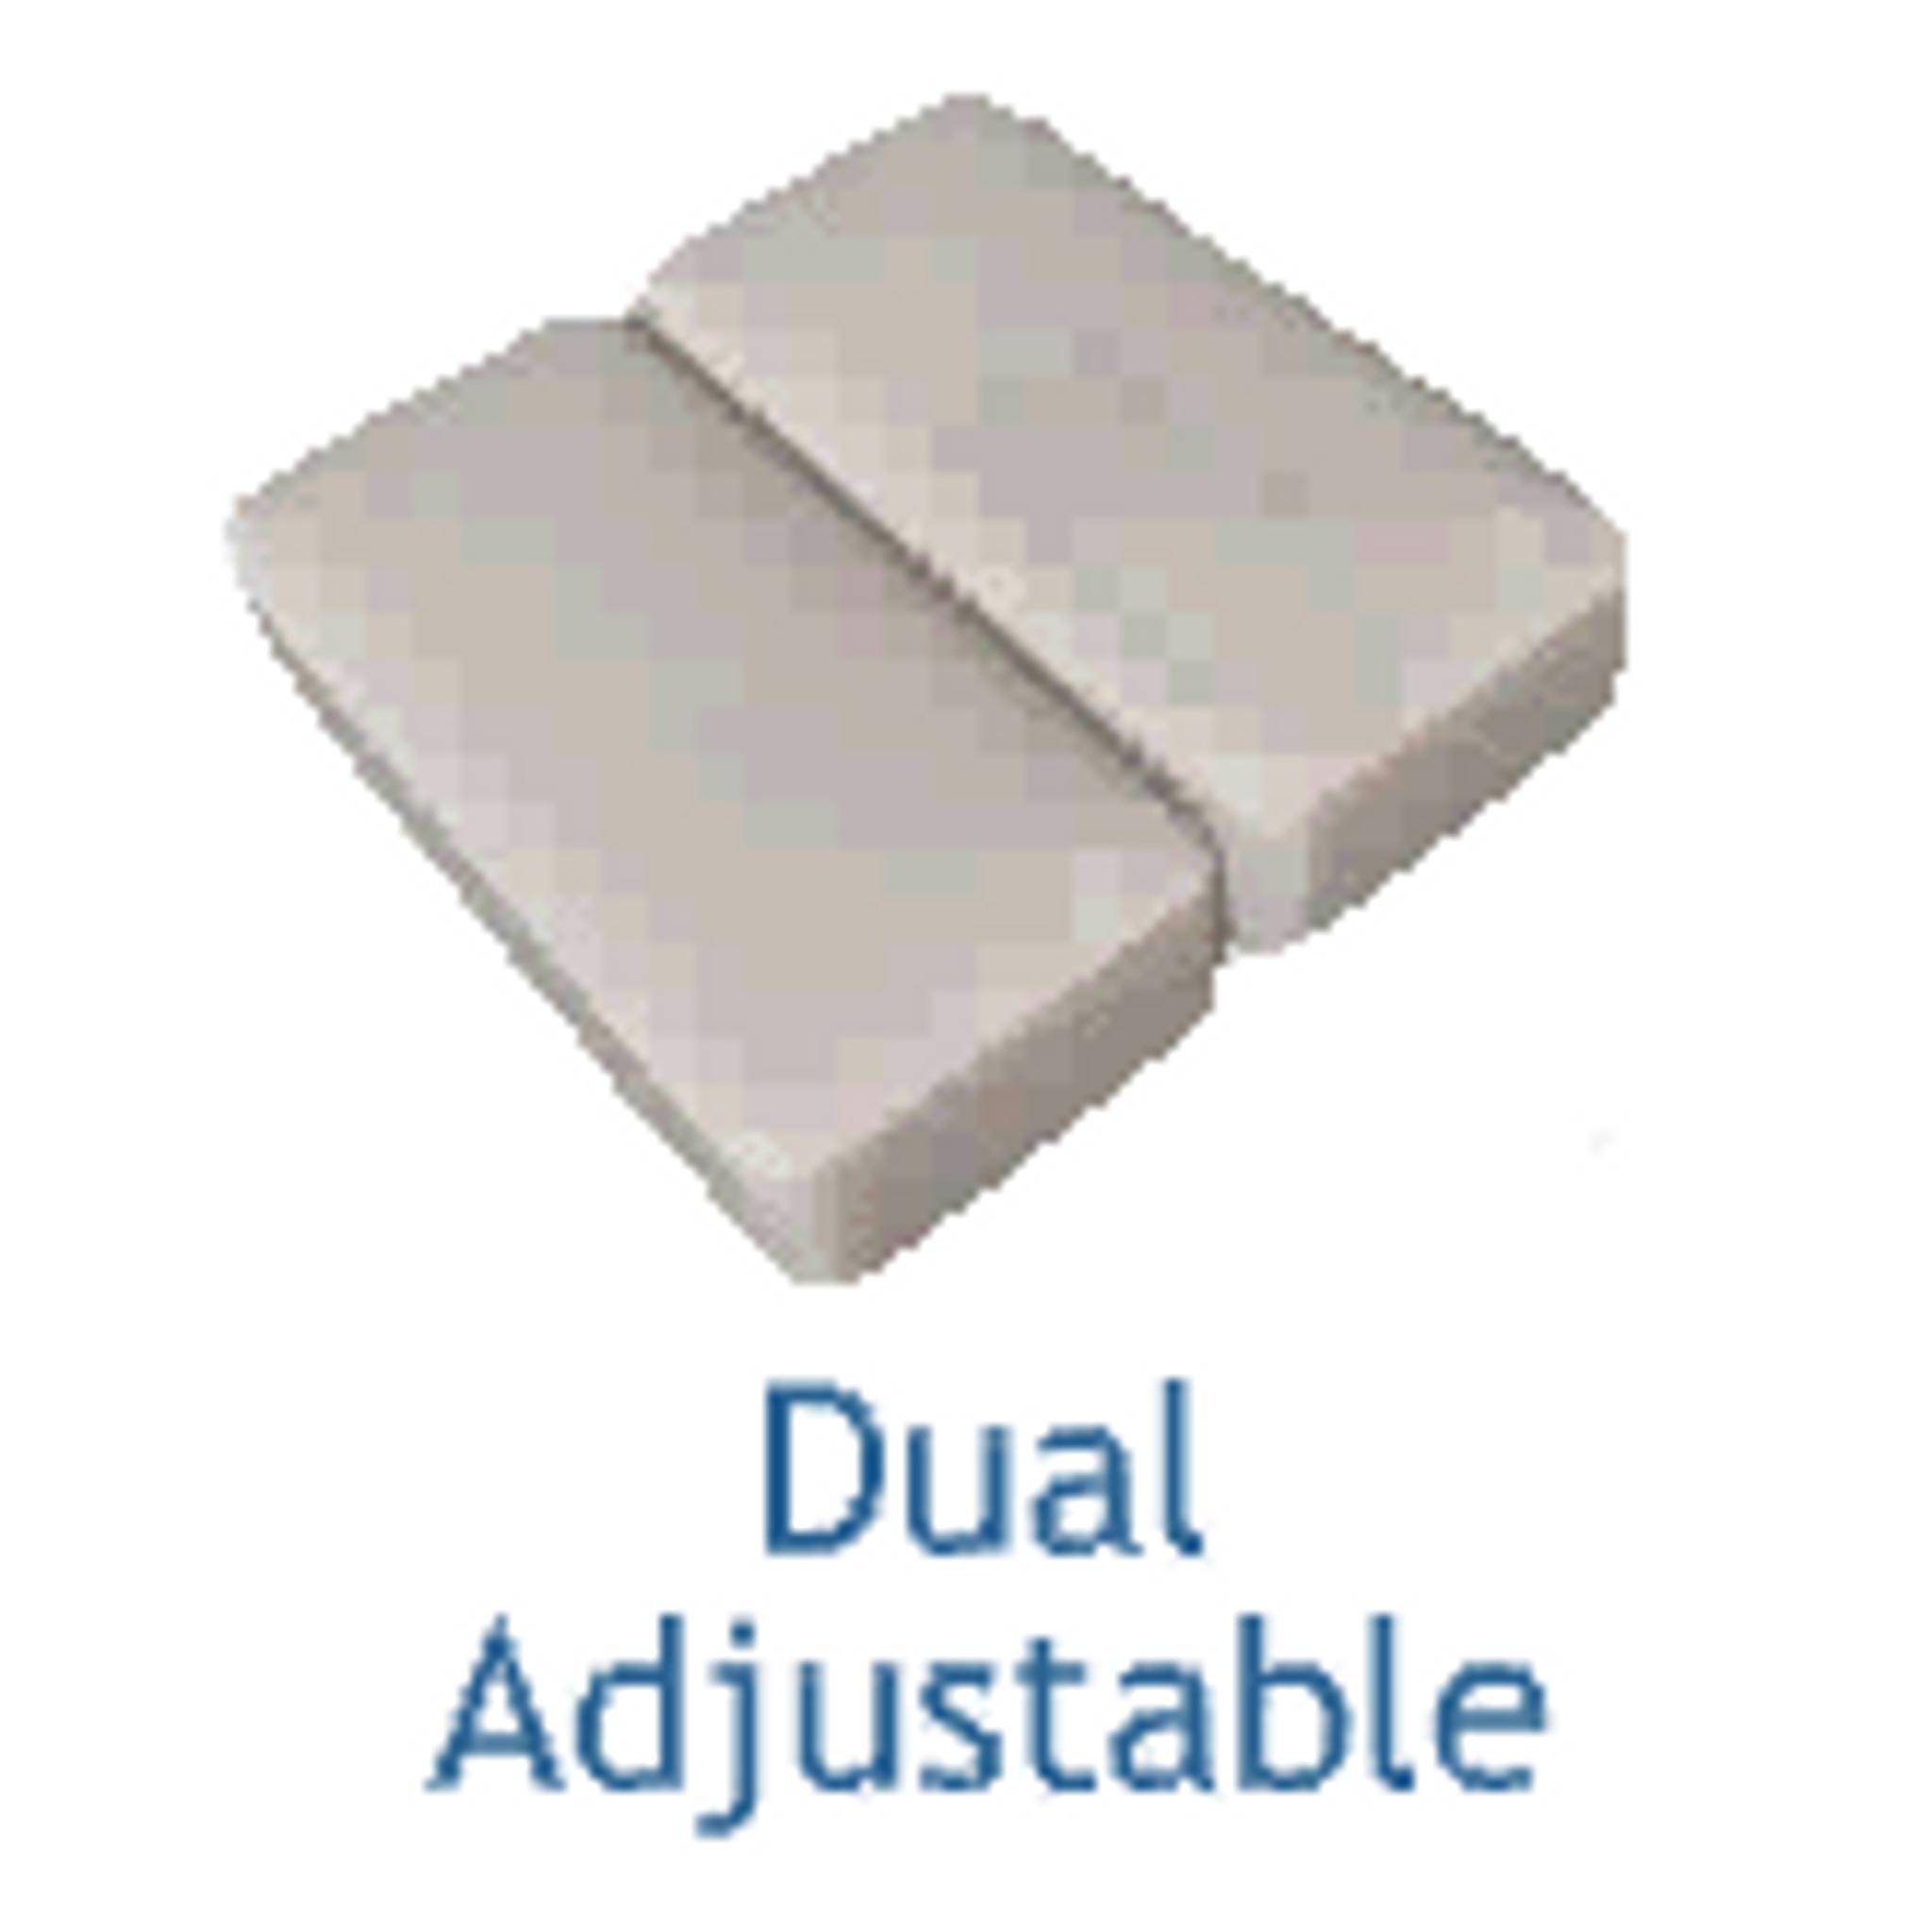 Adjustable Bed - Dual (Split) Bottom Design